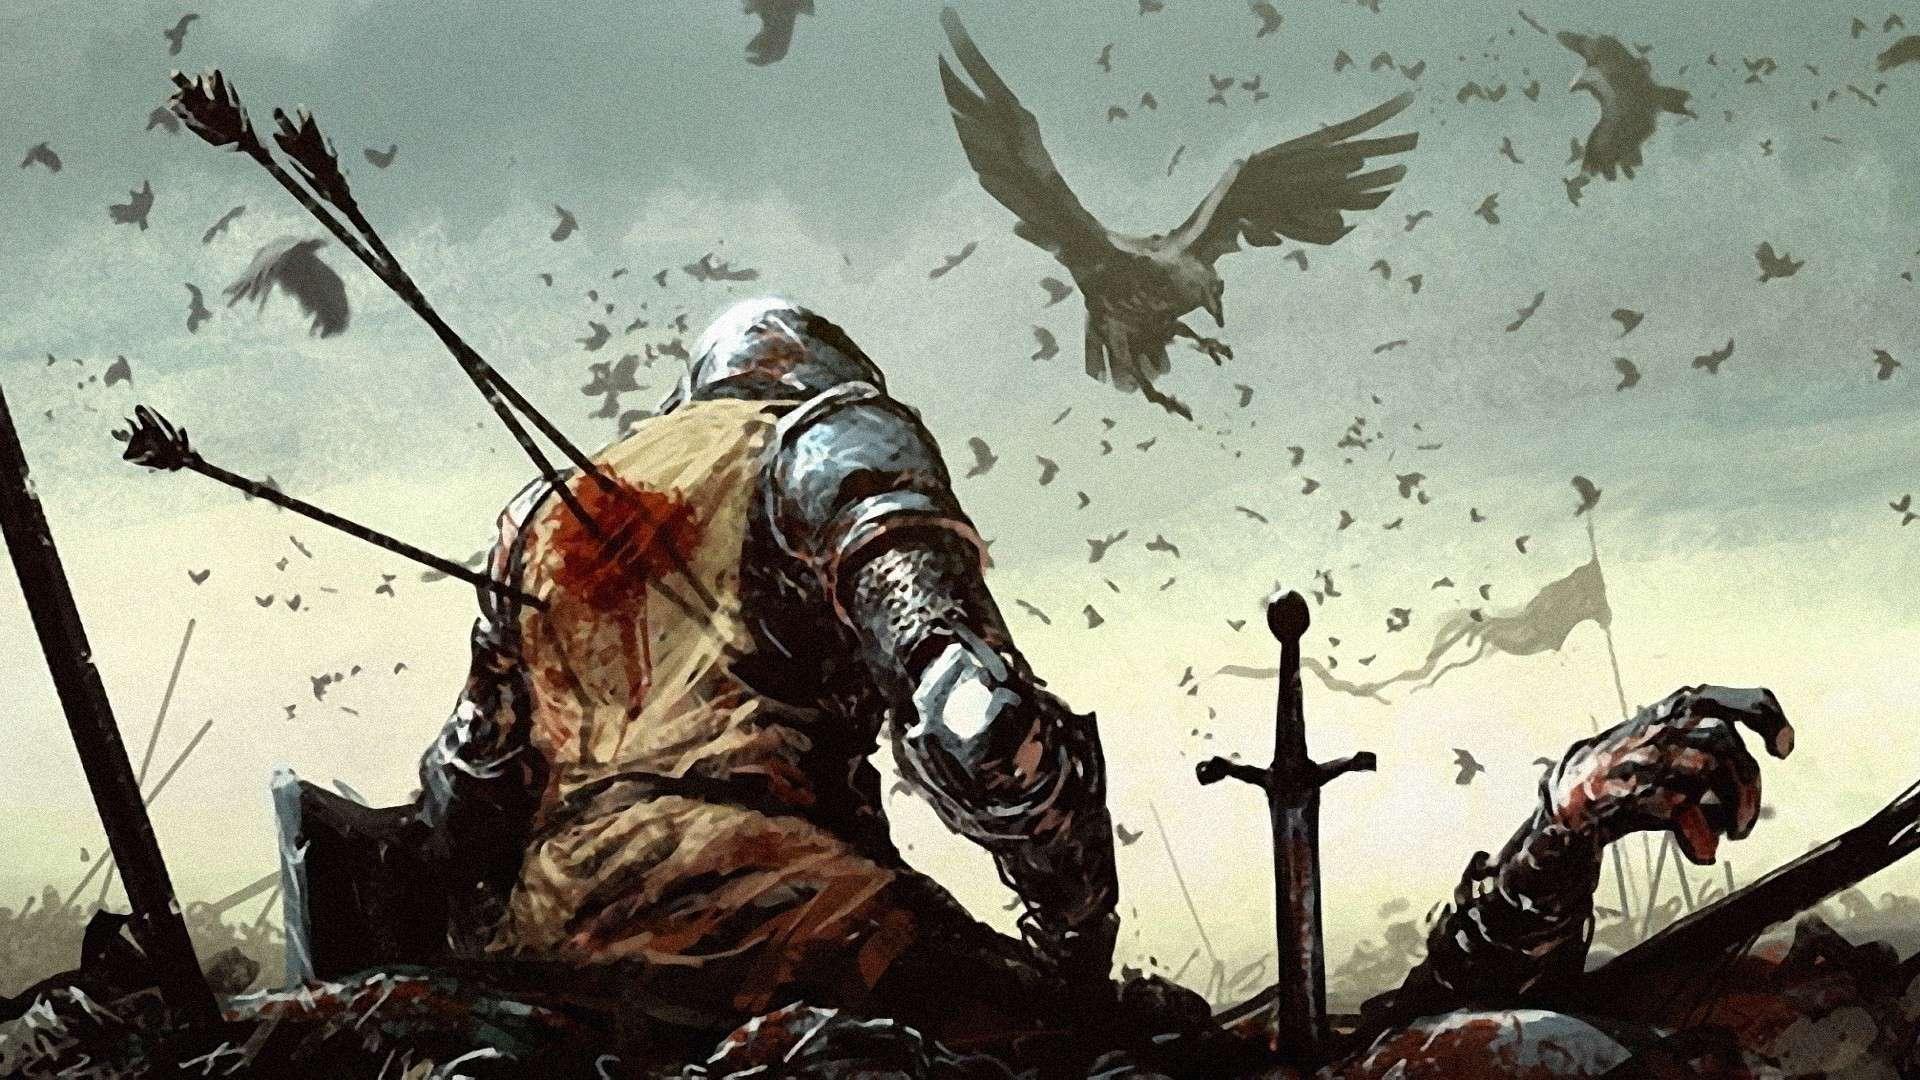 Toute cette violence, tout ce sang... | Pactes, contrats, magie noire